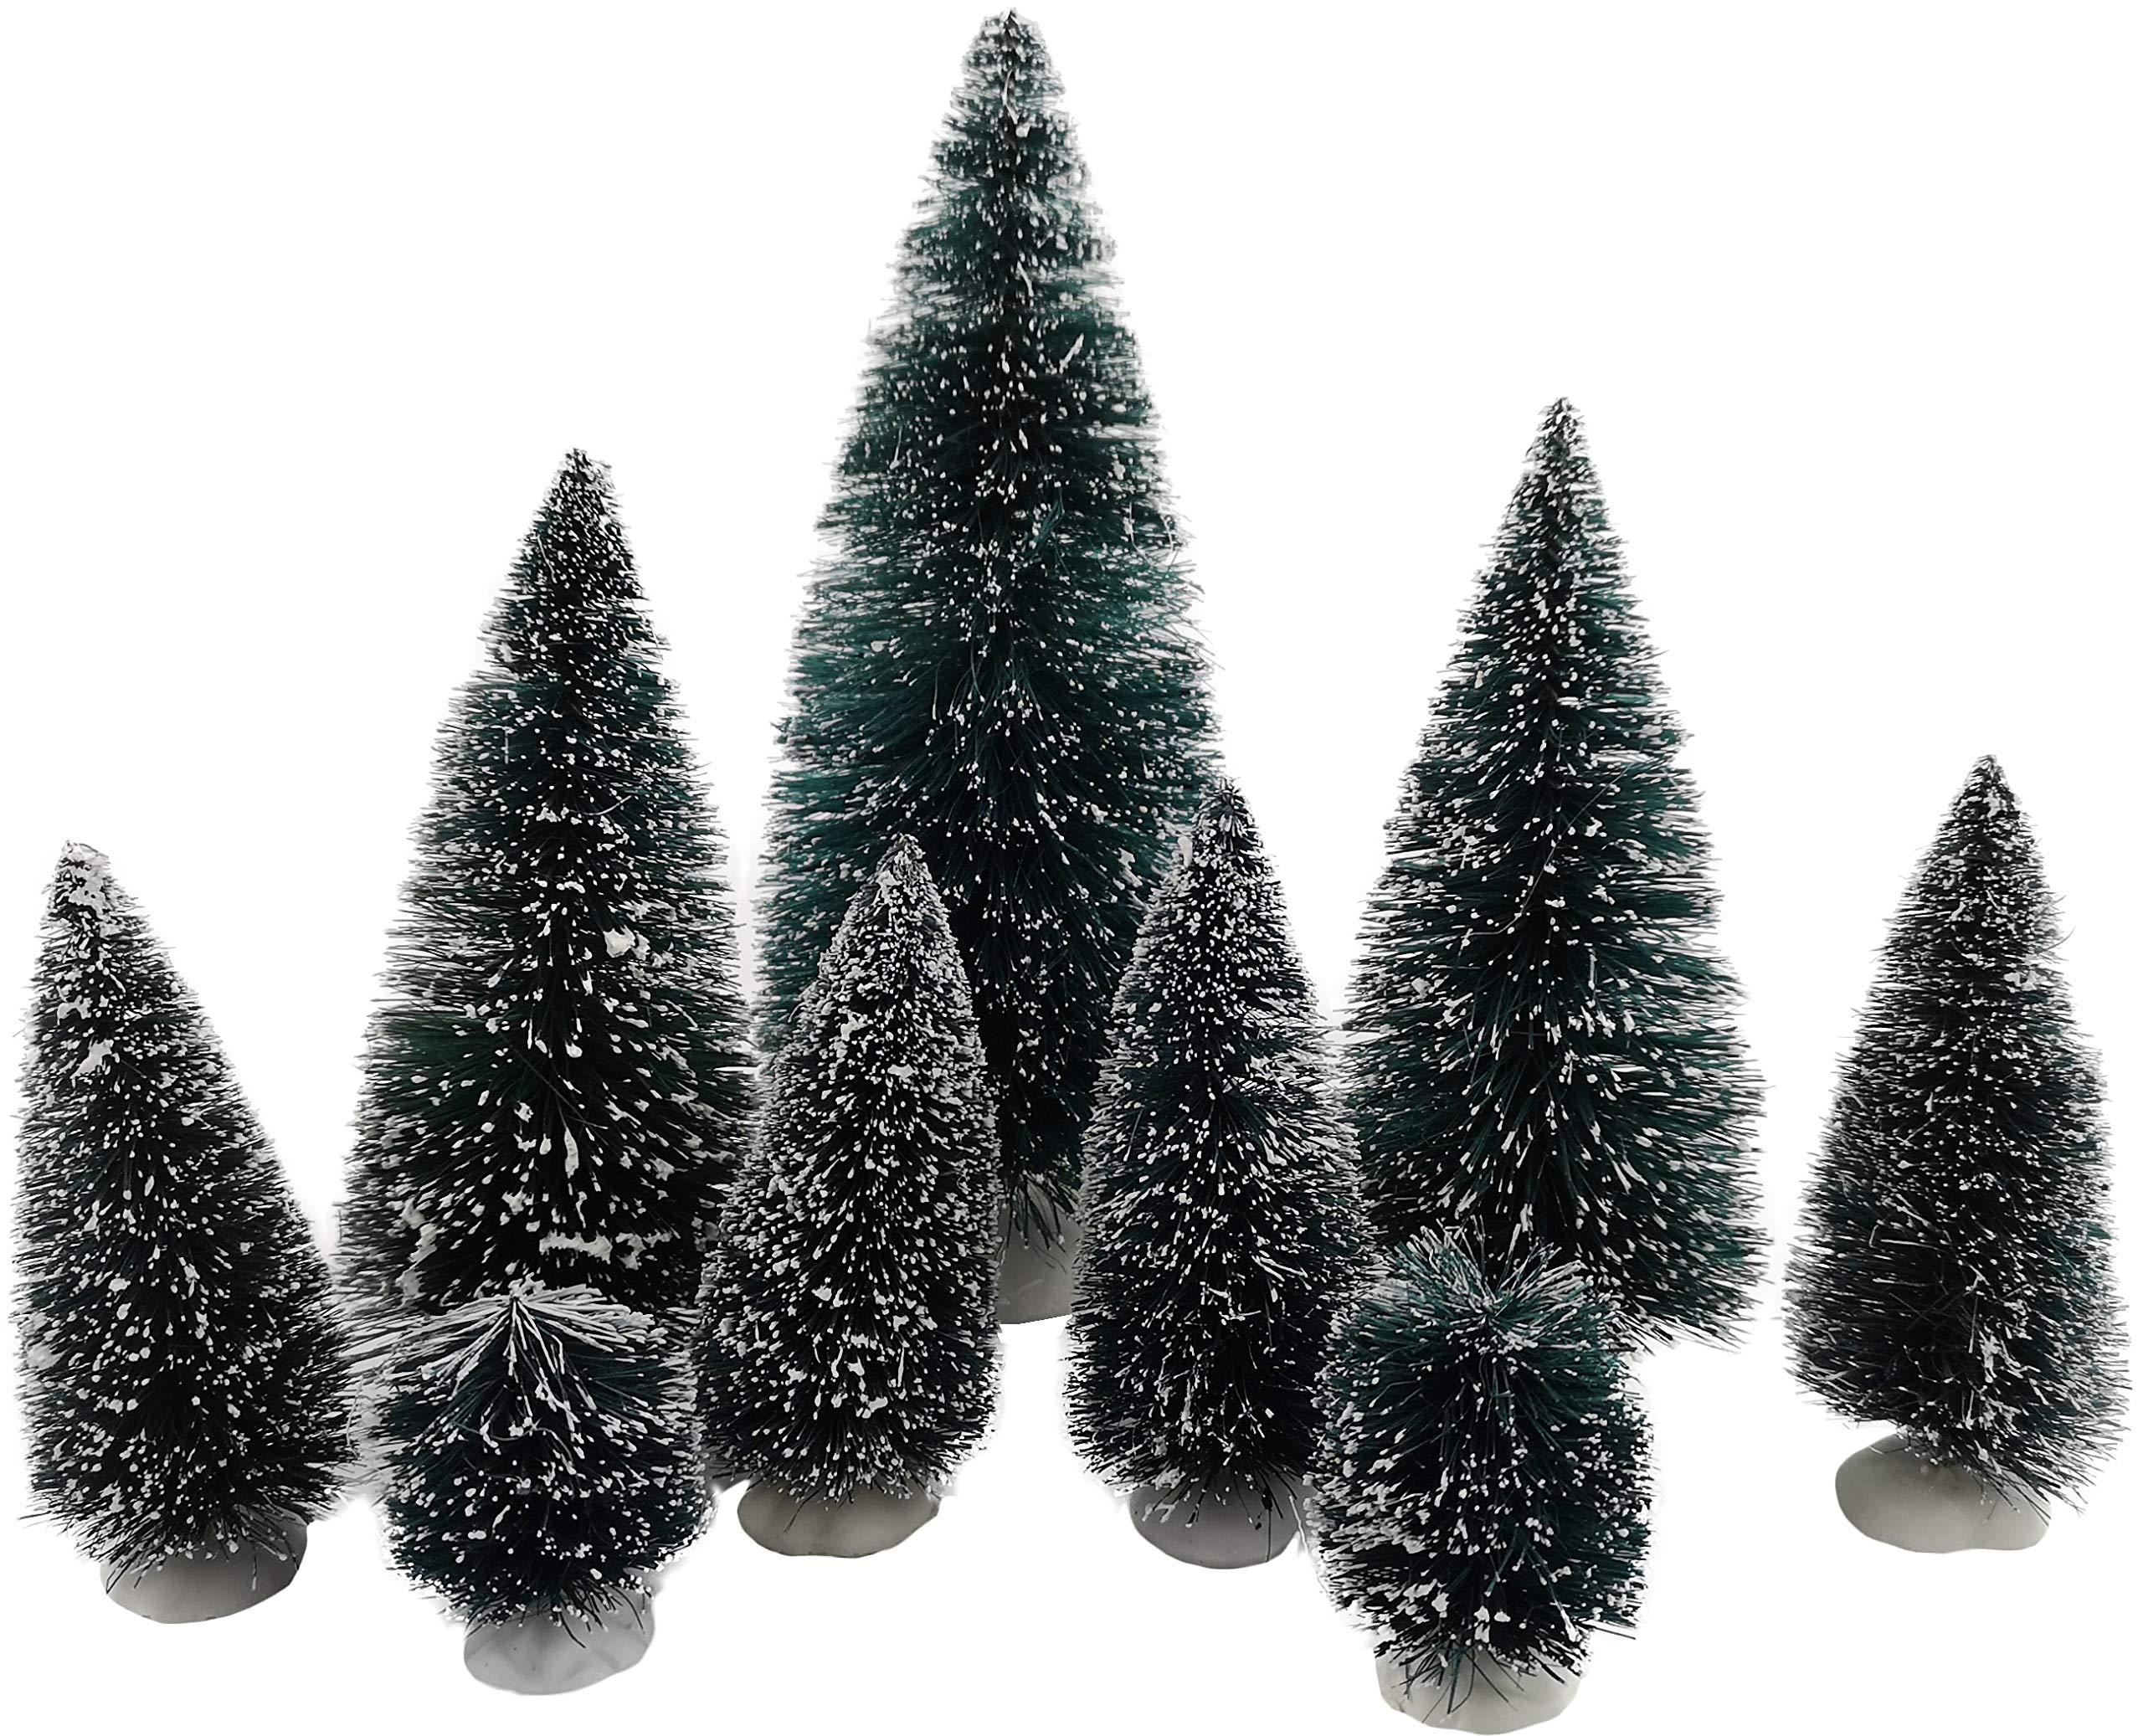 My-goodbuy24-Deko-Knstliche-Mini-Tannenbaum-Set-9-teilig-Weihnachtsbaum-Weihnachtsdekoration-Modelleisenbahn-Baum-beschneit-Miniatur